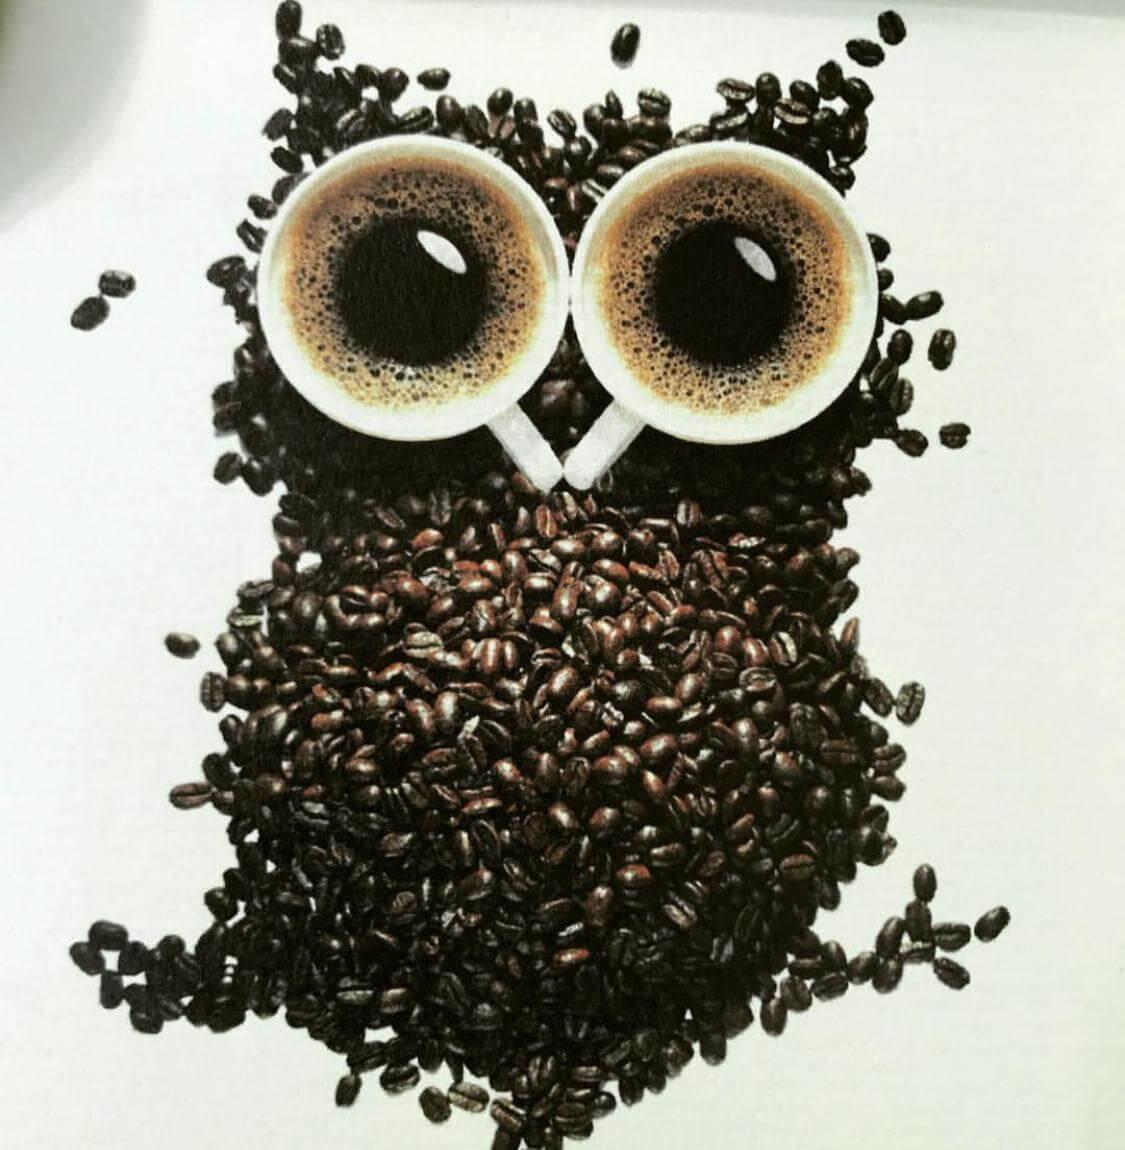 besser-schlafen-schnell-einschlafen-aber bitte ohne koffein und kaffee-durchschlafen-tipps-fuer-besseren-schlaf-von-dr-martin-krengel(1)